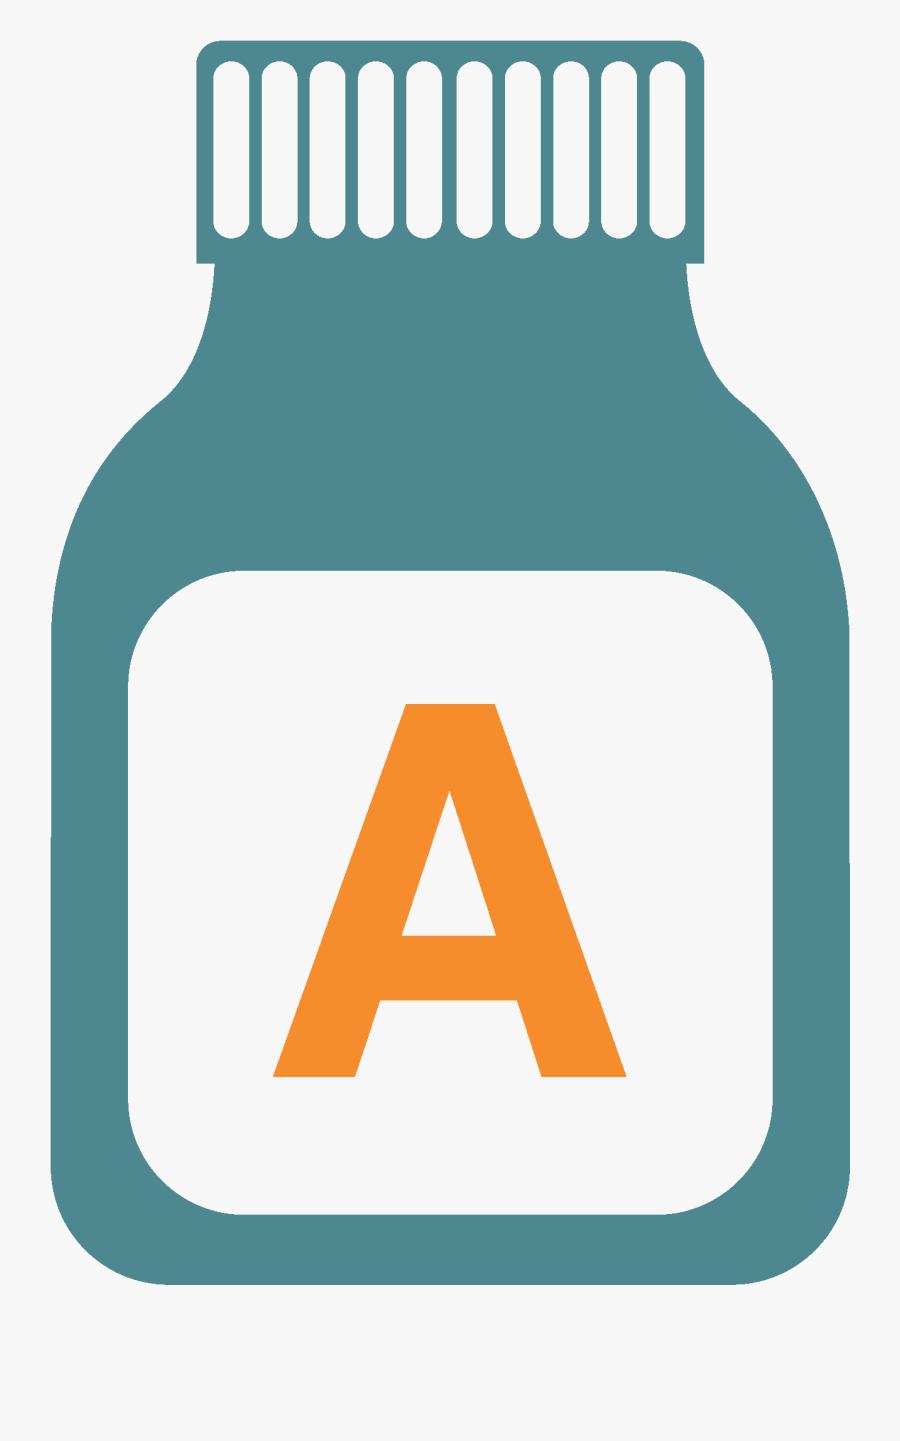 Vitamins Png - Clipart Vitamin C Png, Transparent Clipart